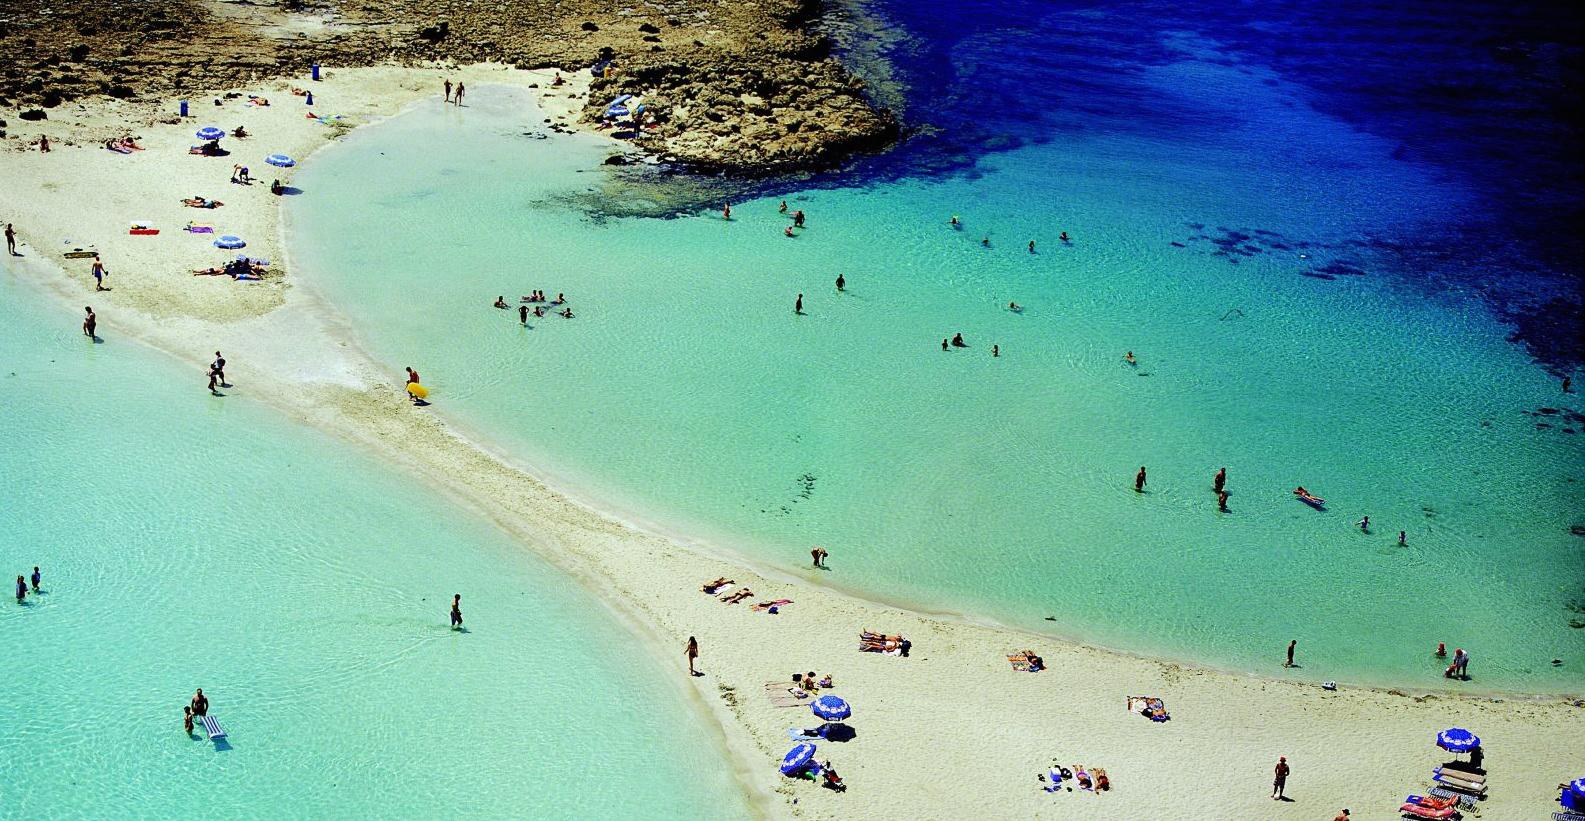 Aiya Napa – Cipru: Plaja Nissi a fost votata în anii trecuți drept cea mai frumoasă din Marea Mediterană,   iar în 2011 cea mai frumoasă din Europa.